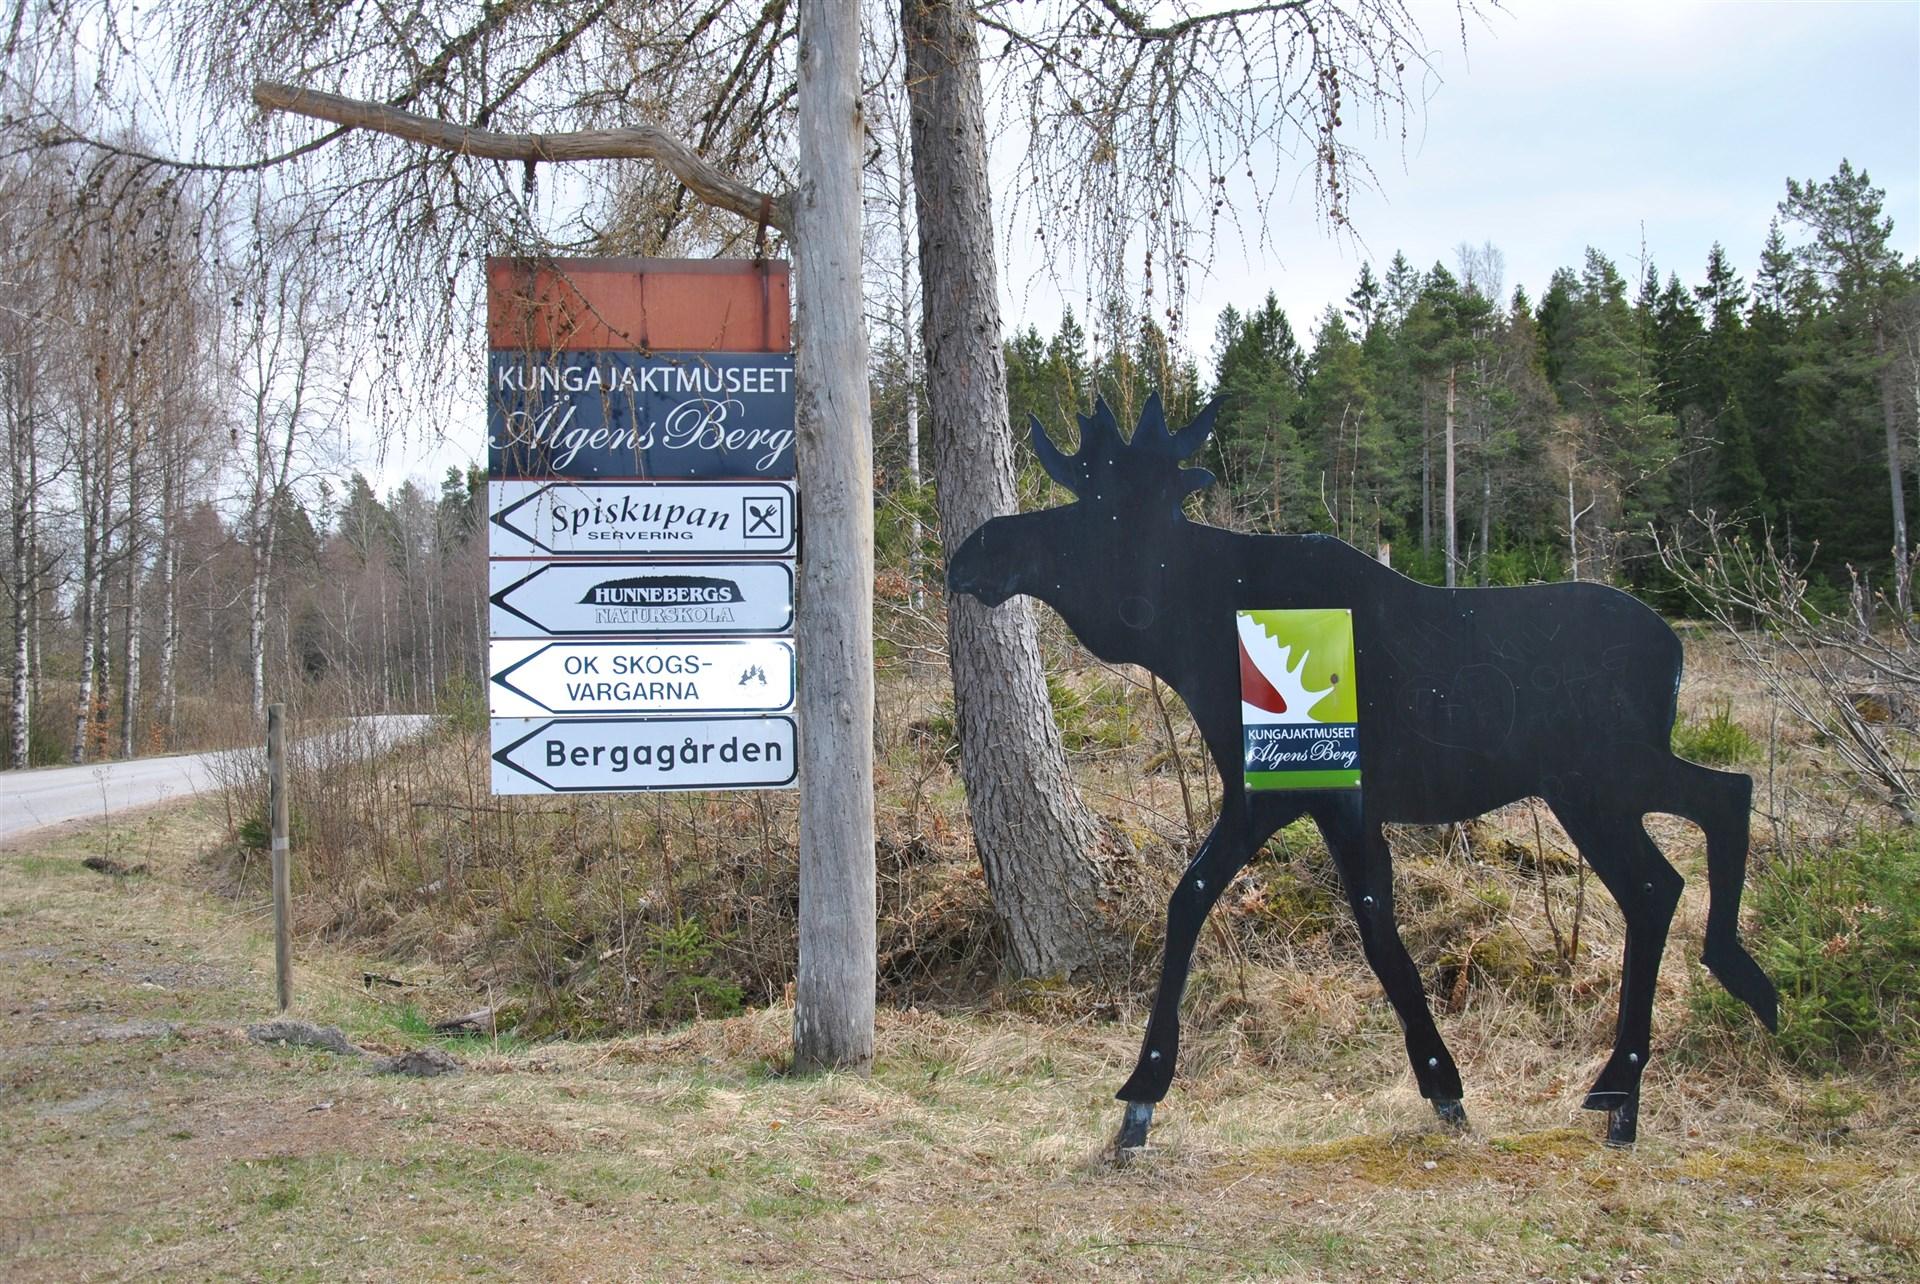 Ca 7 km från fastigheten finns Kungajaktmuseet, servering, motionsanläggning m.m.